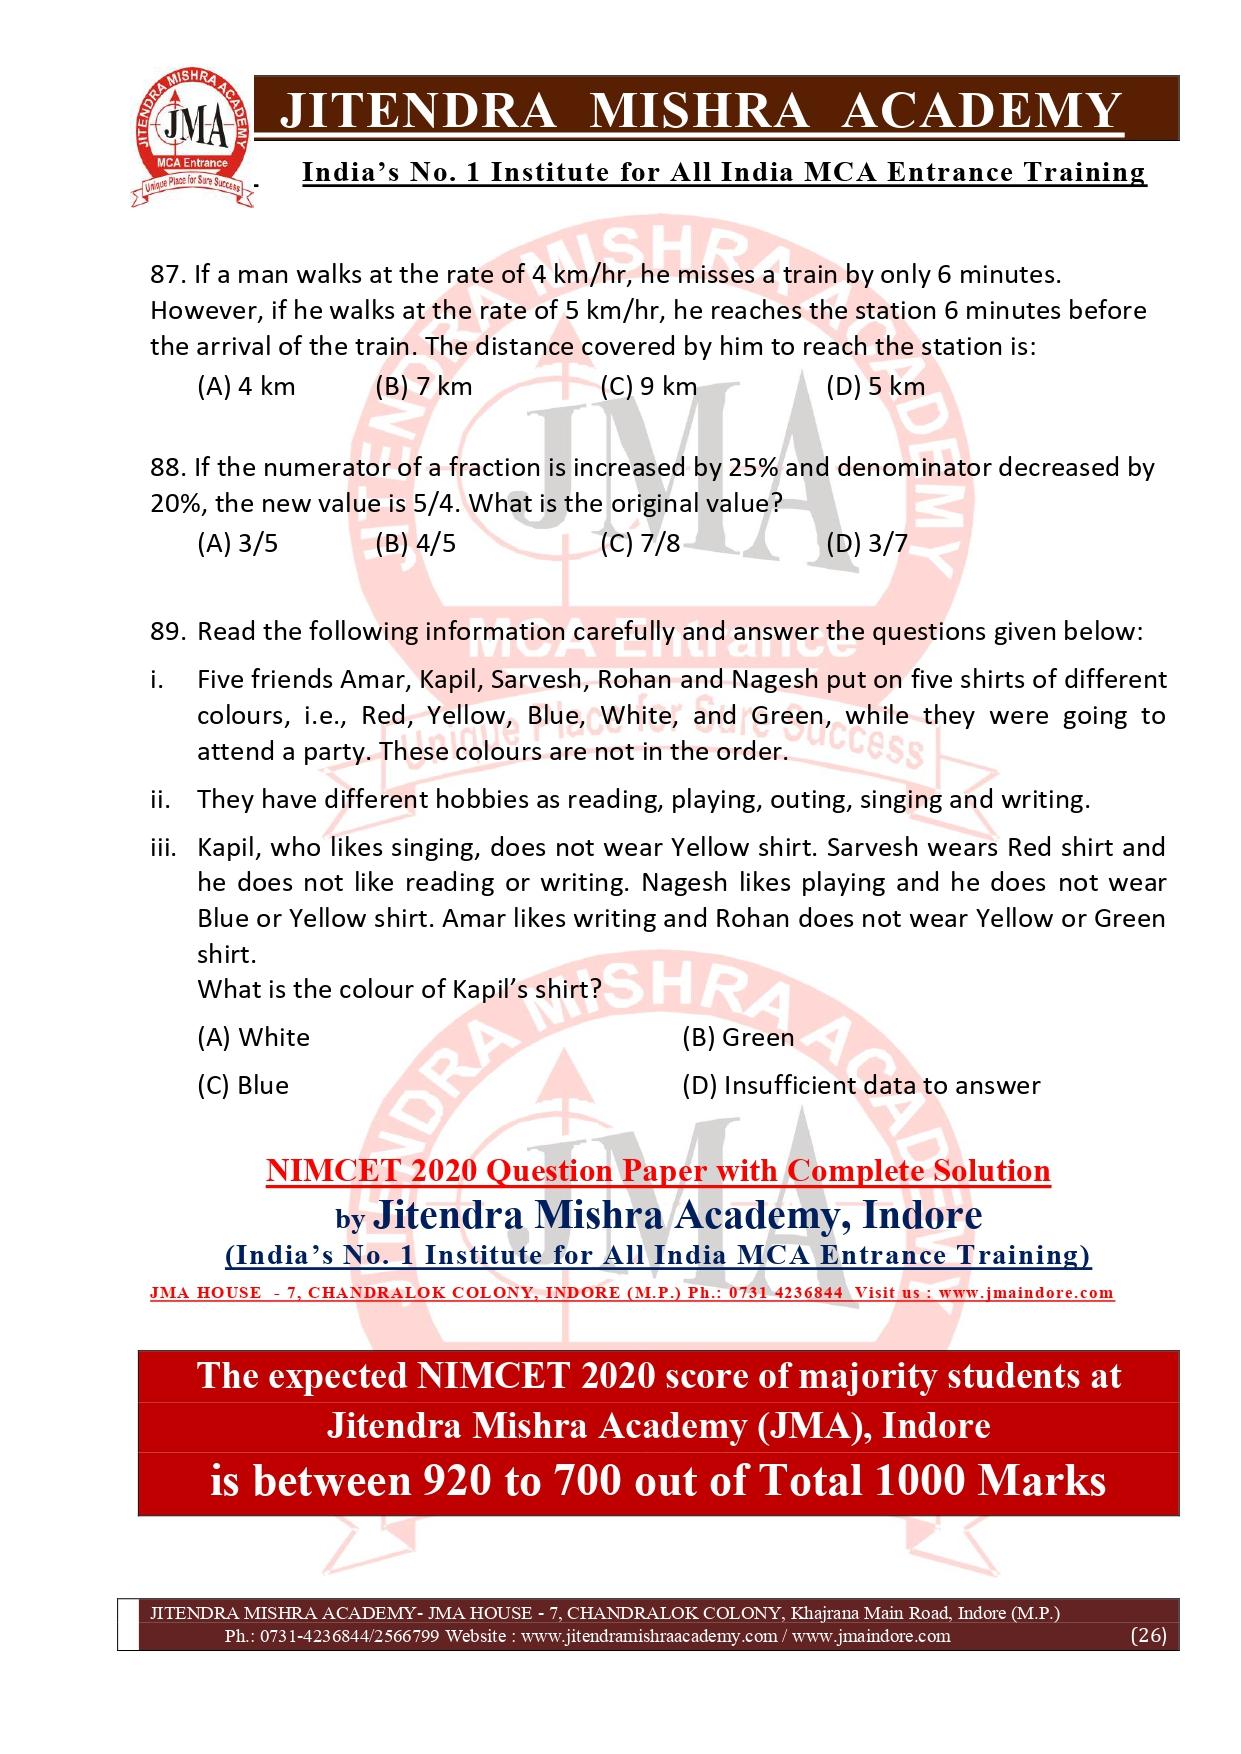 NIMCET 2020 QUESTION PAPER (FINAL)_page-0026